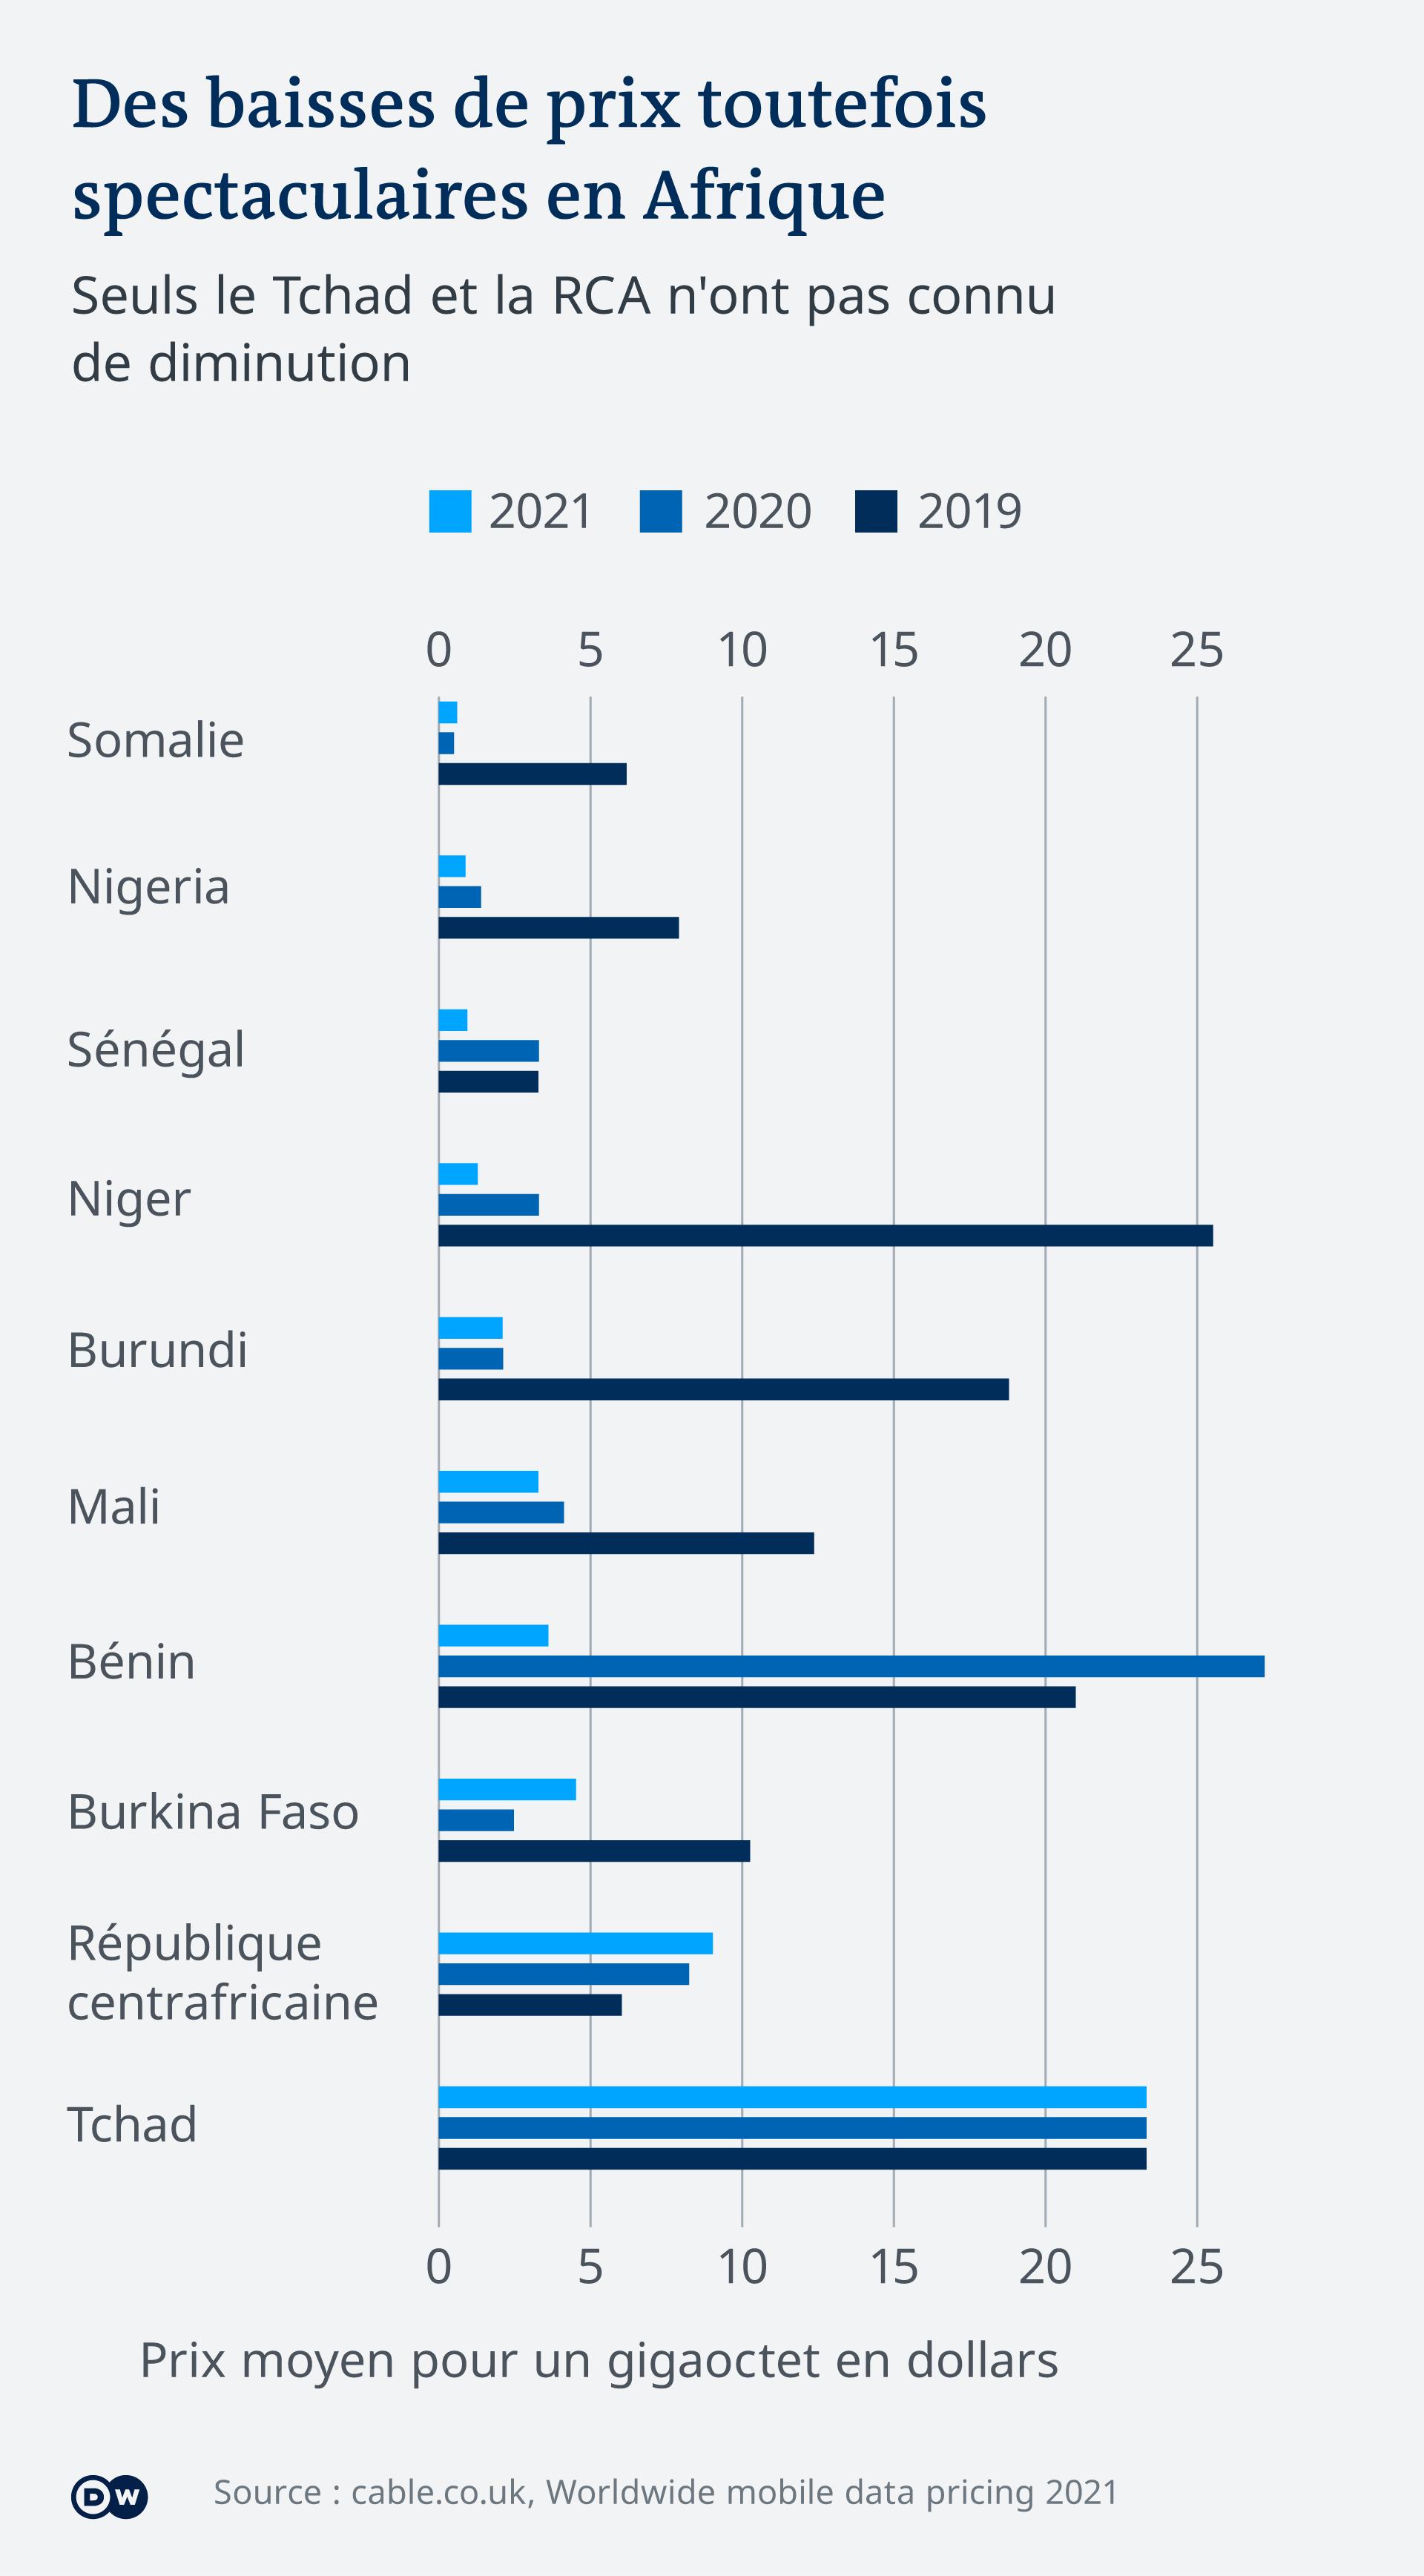 Les prix ont chuté depuis deux ans dans plusieurs pays africains francophones.